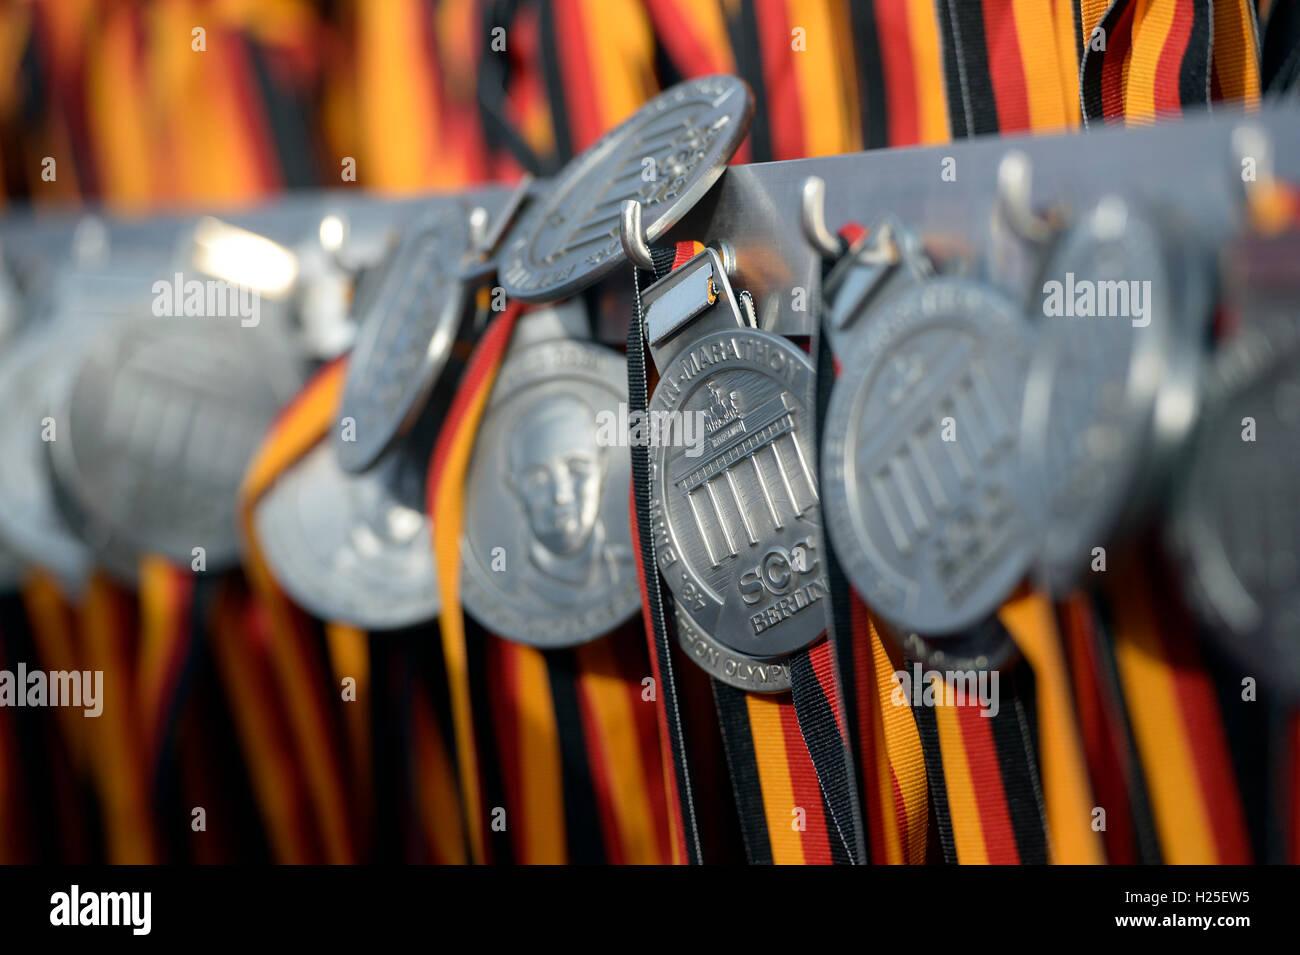 Berlin, Deutschland. 25. September 2016. Medaillen warten auf die Teilnehmer der 43. Berlin-Marathon in Berlin, Stockbild